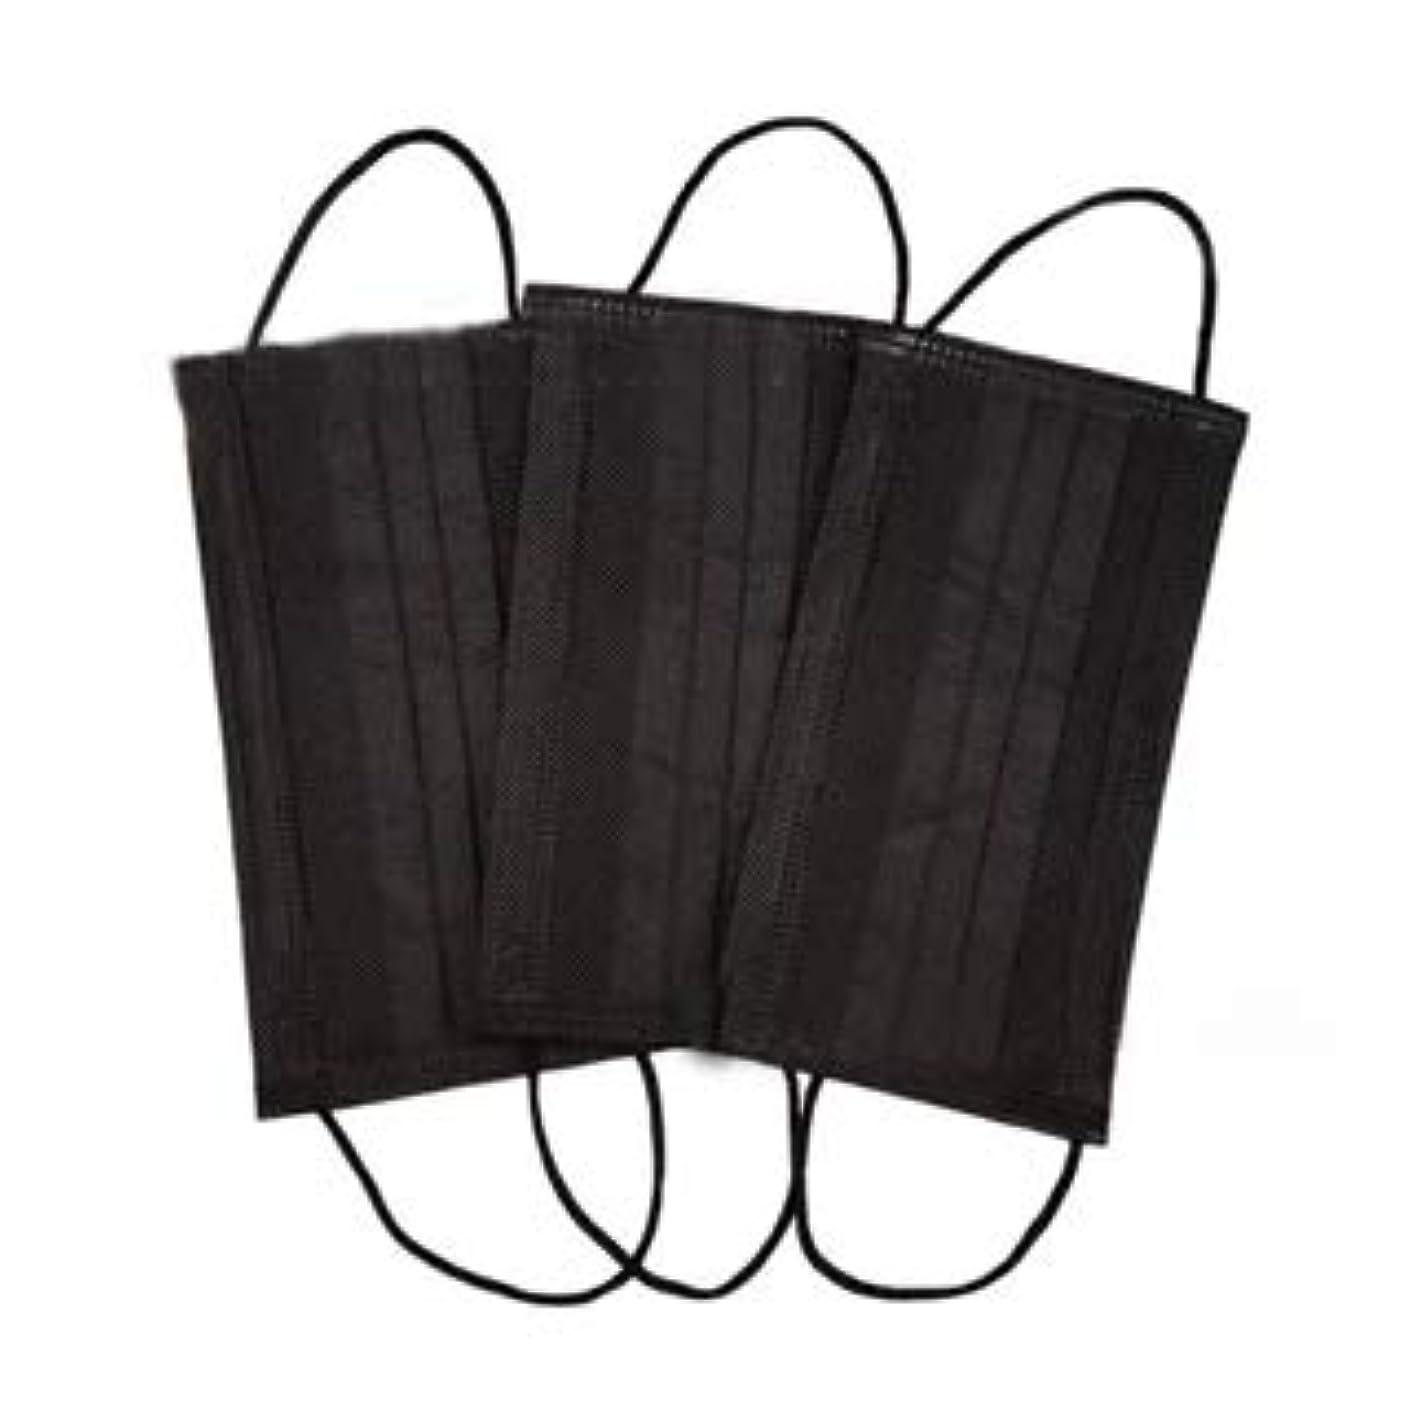 ビート期限切れ残り物使い捨てマスク ブラック 6枚入り 不織布 フェイスマスク mask 黒